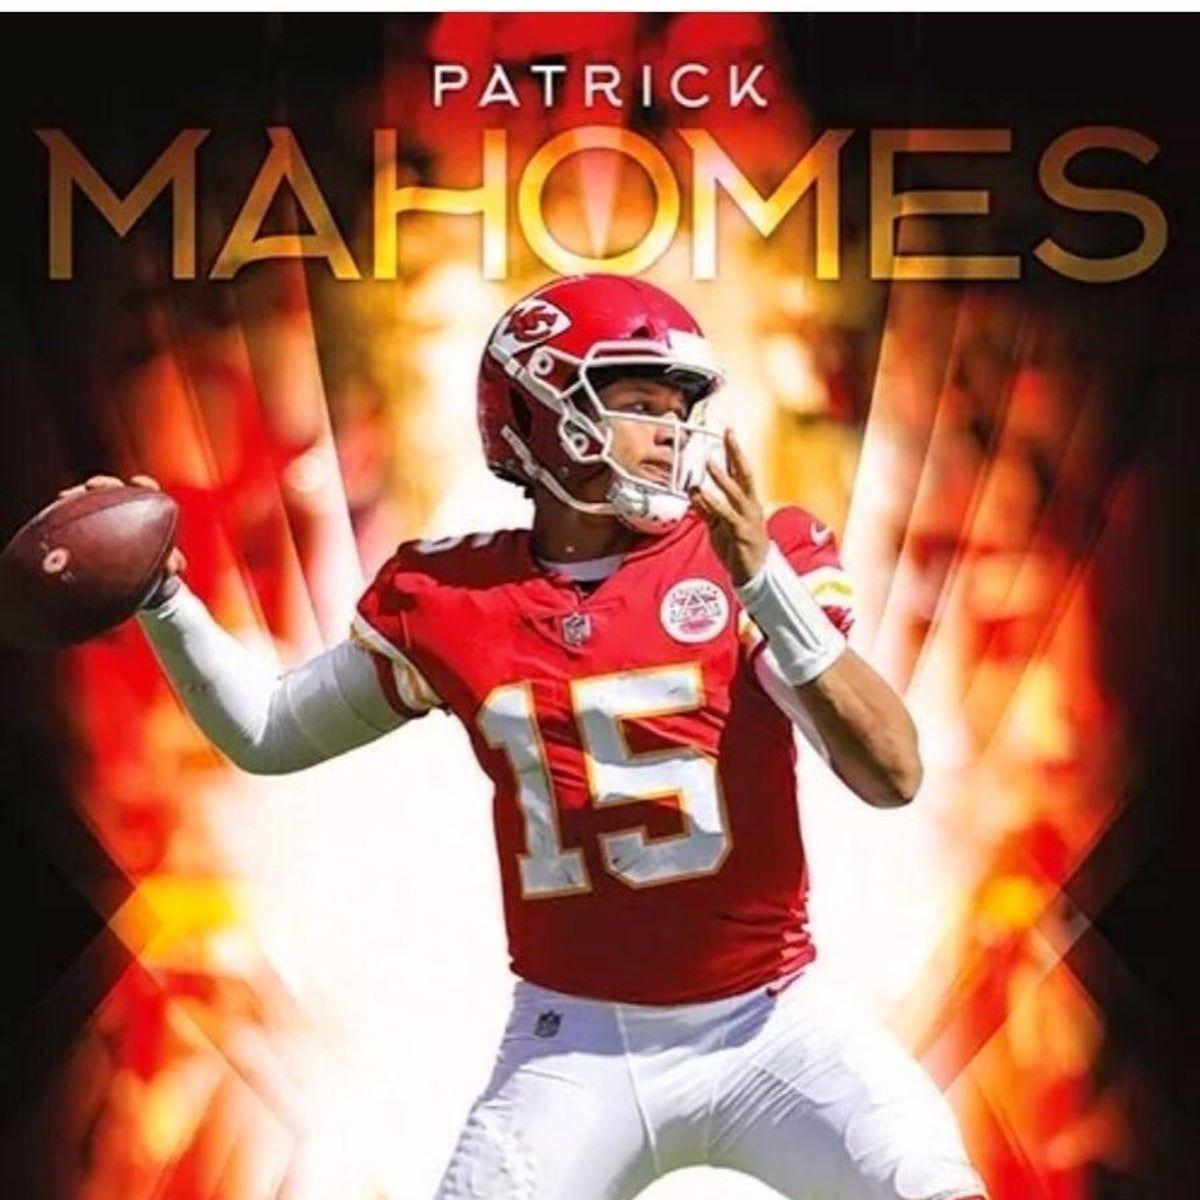 patrick mahomes poster patrick